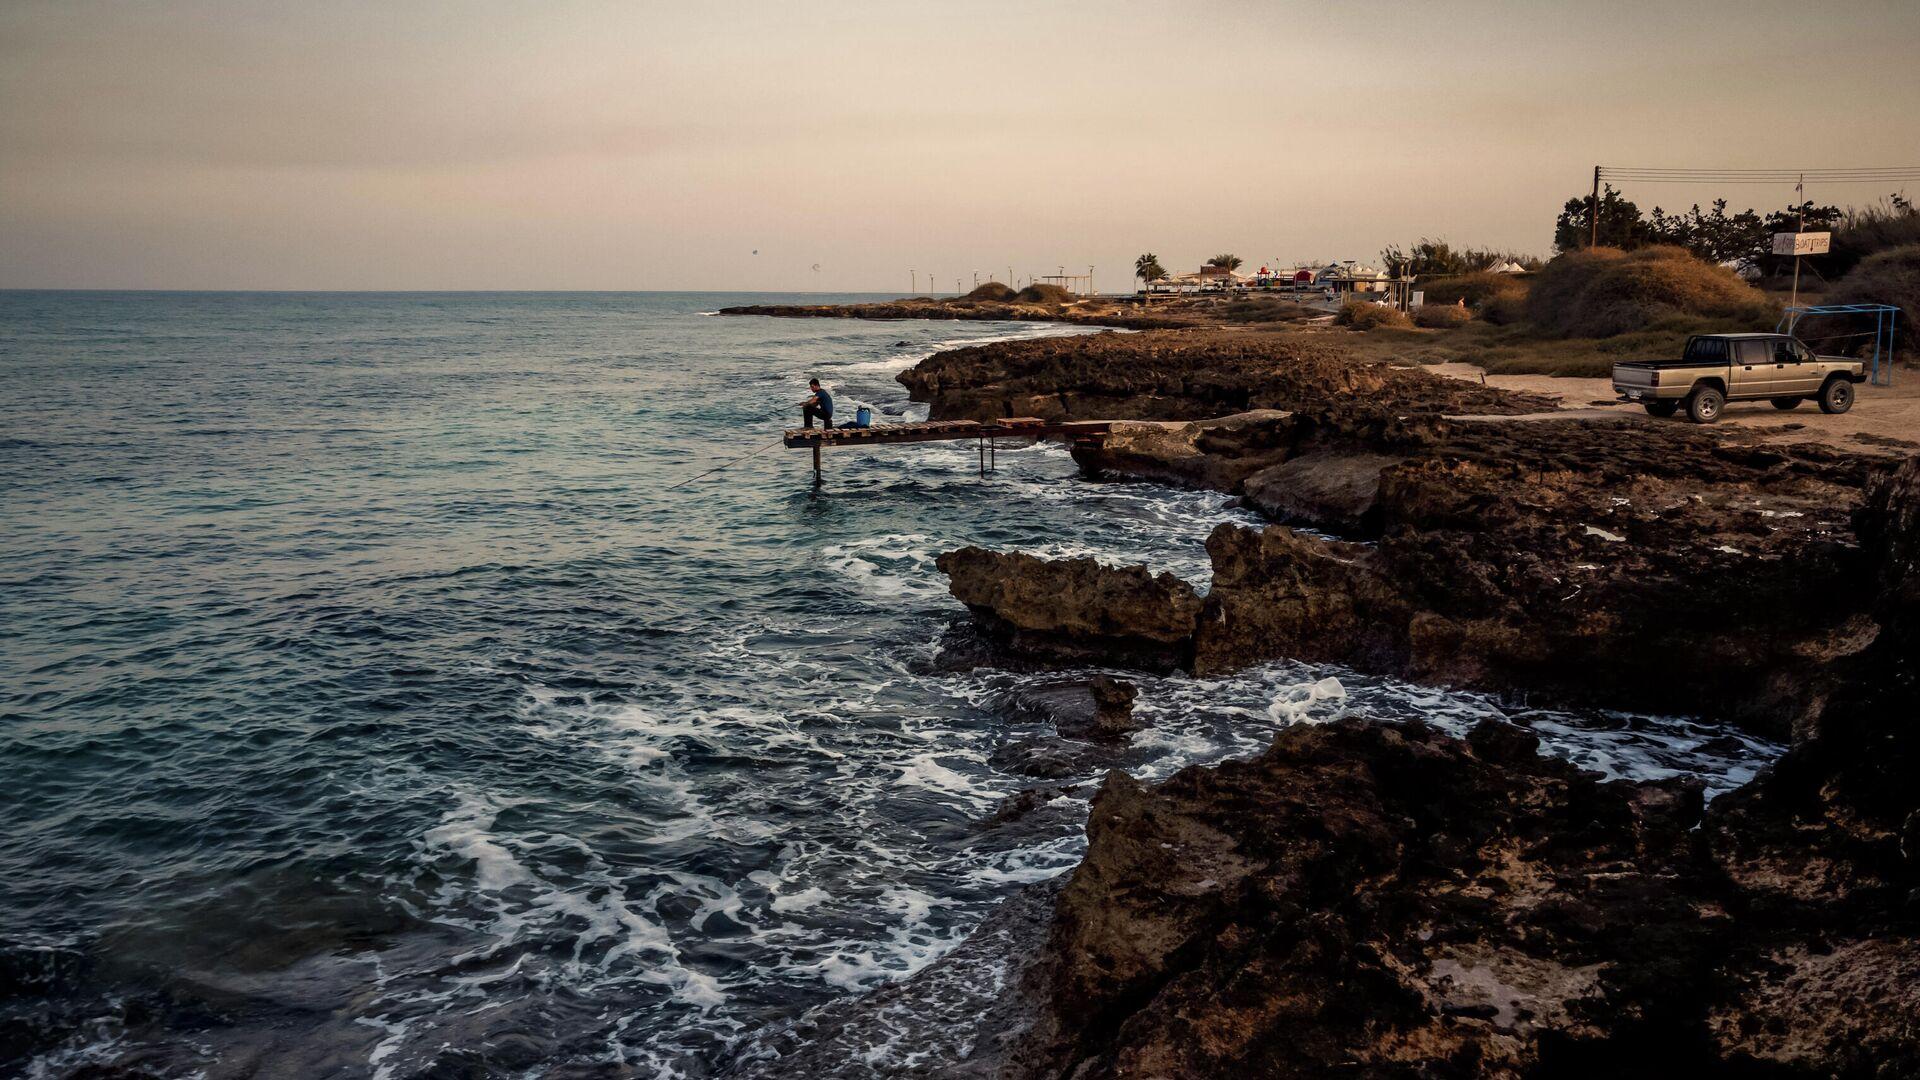 Берег Средиземного моря в городе Протарас на Кипре - РИА Новости, 1920, 01.08.2021